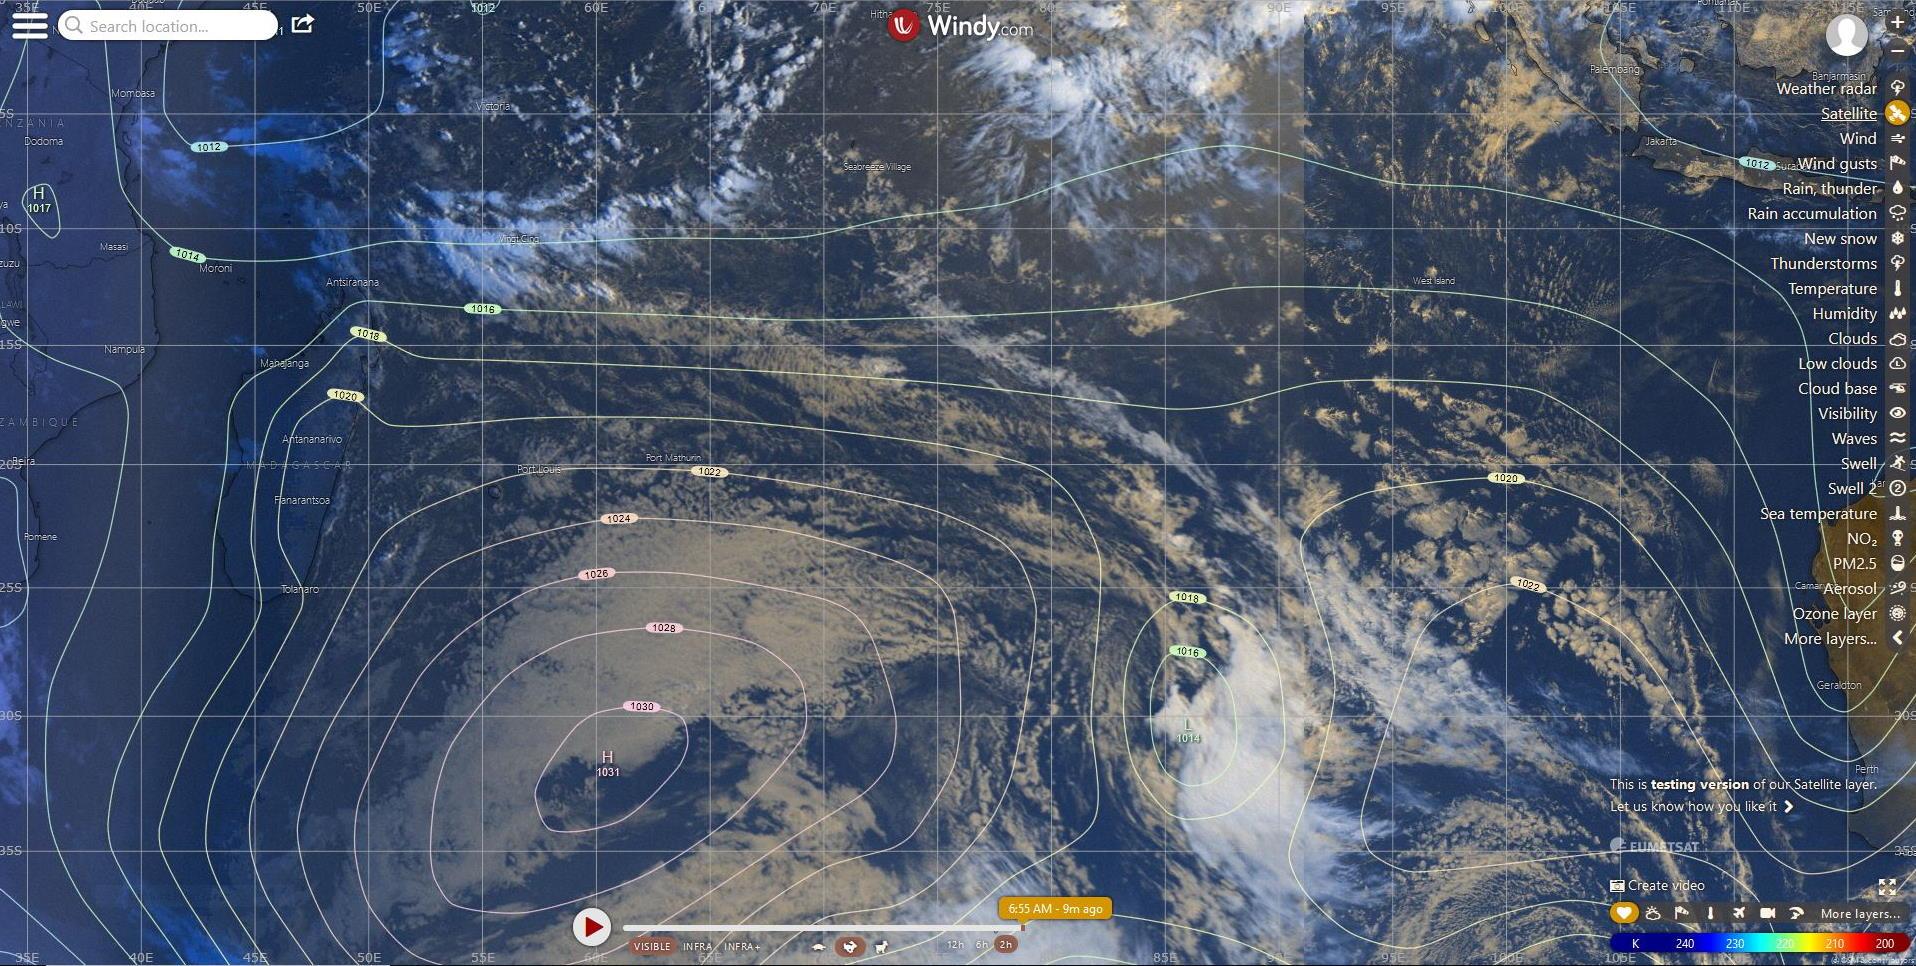 Photo satellite avec l'analyse de surface du modèle européen pour le Sud Indien ce matin. WINDY